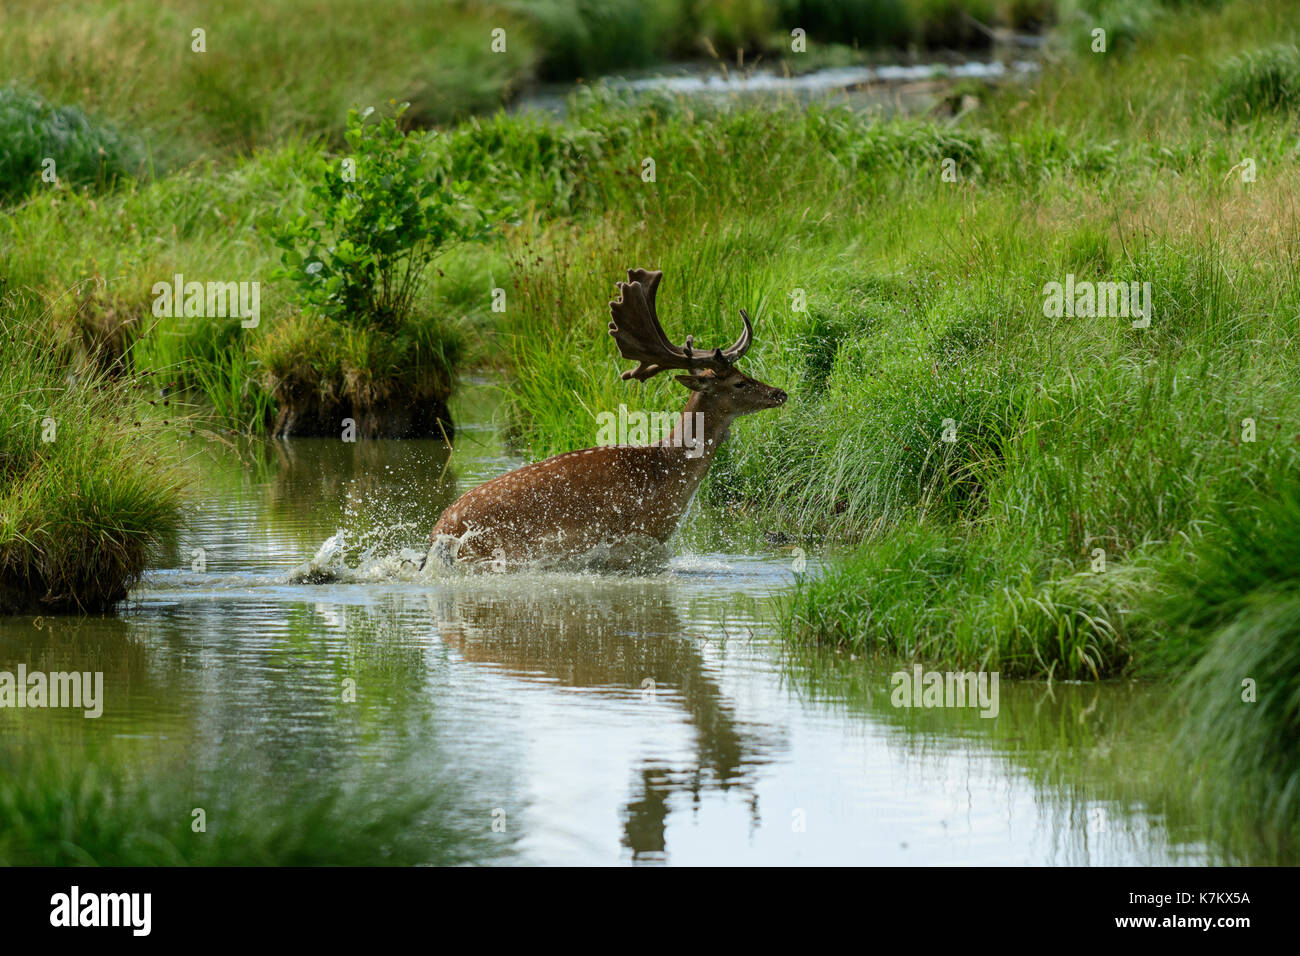 Fallow deer jumping and splashing through water - Stock Image